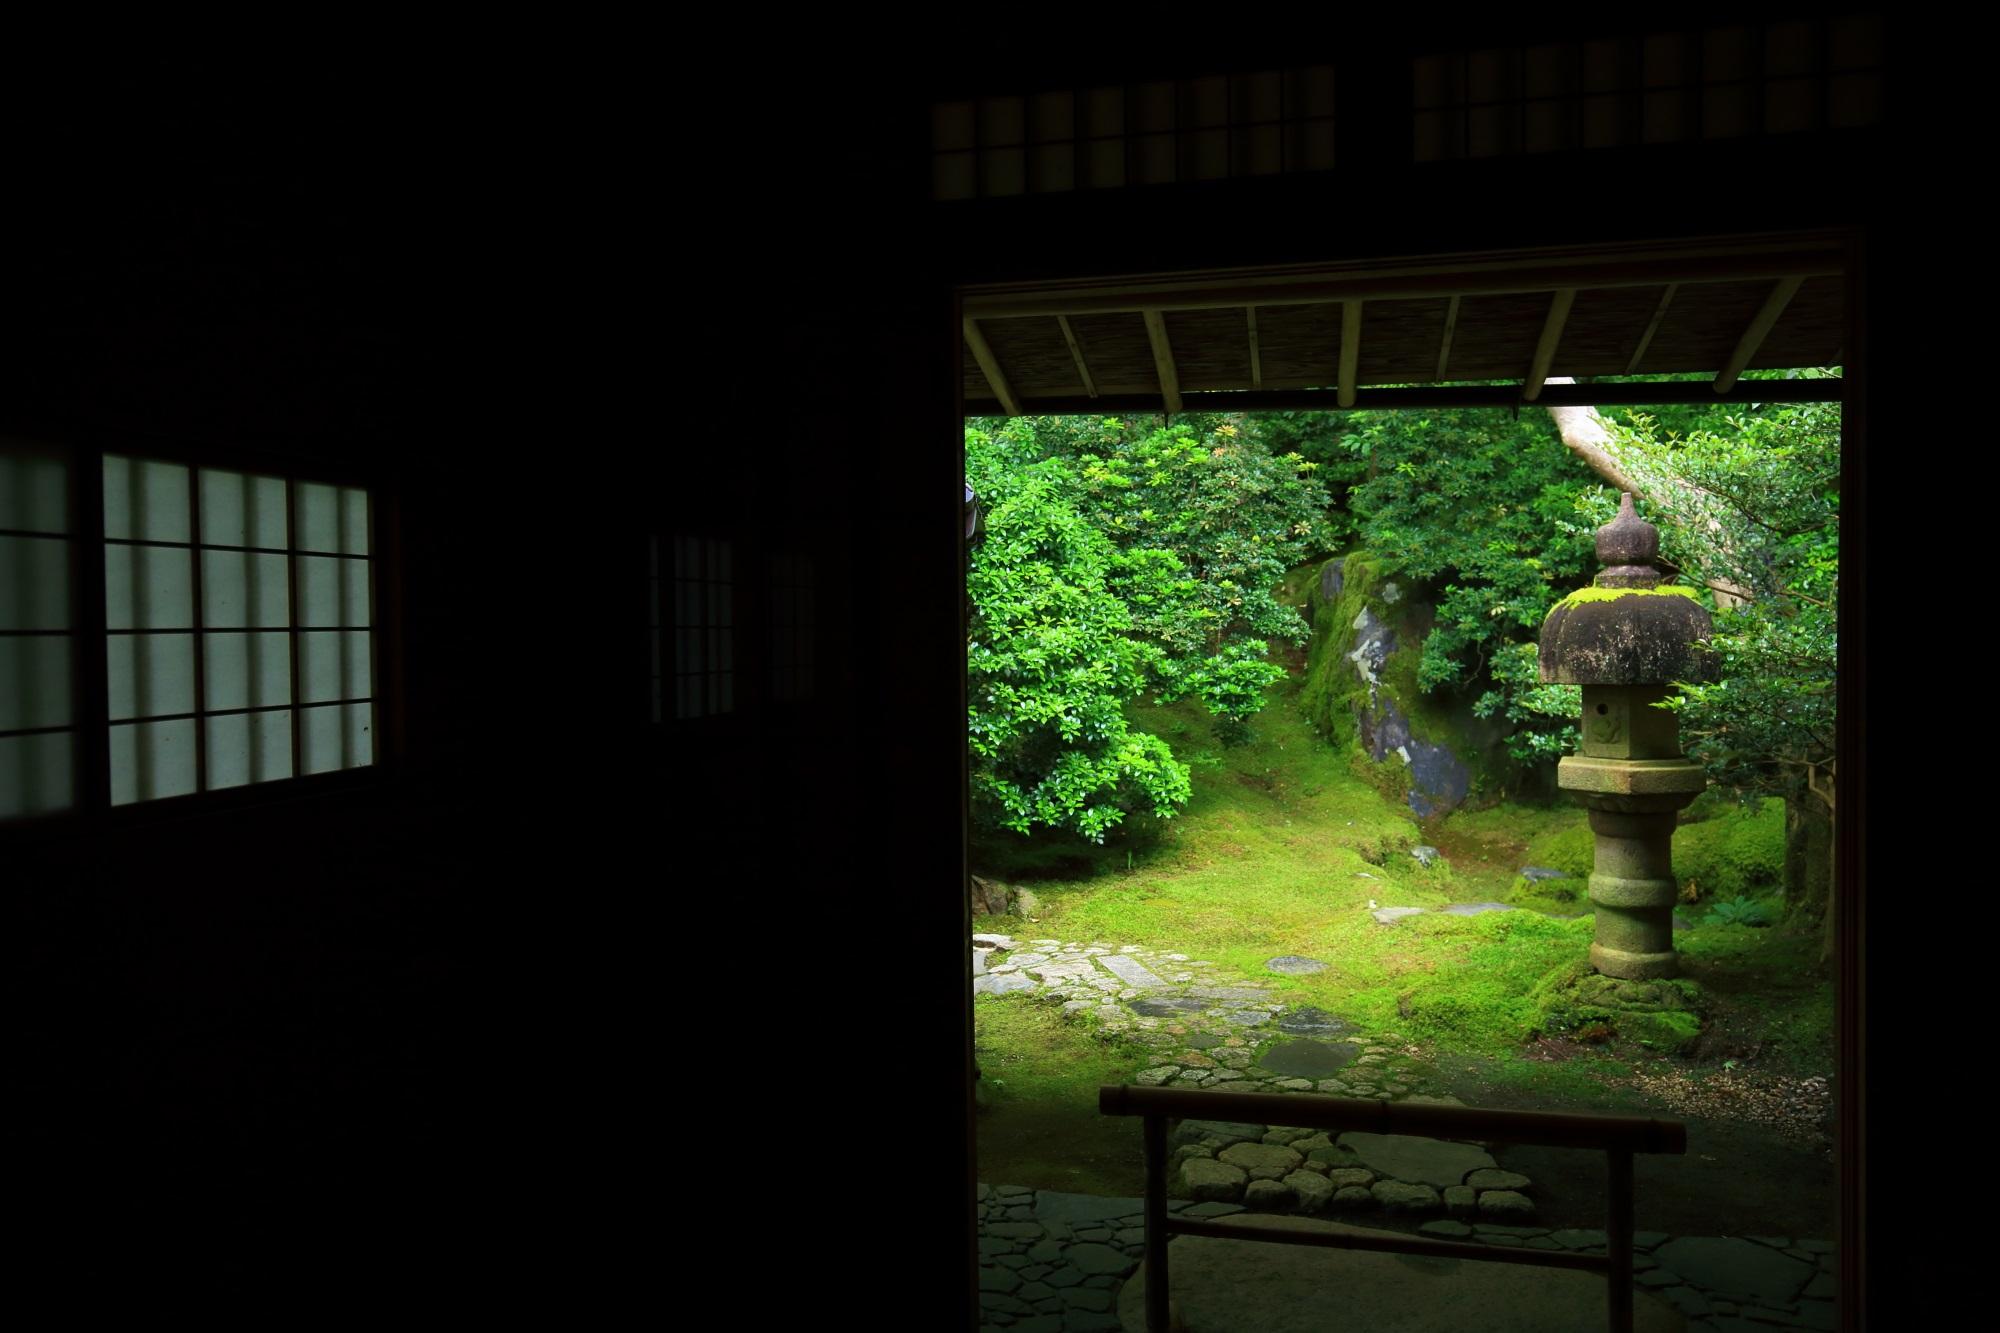 瑠璃光院の喜鶴亭前の美しい苔と灯籠